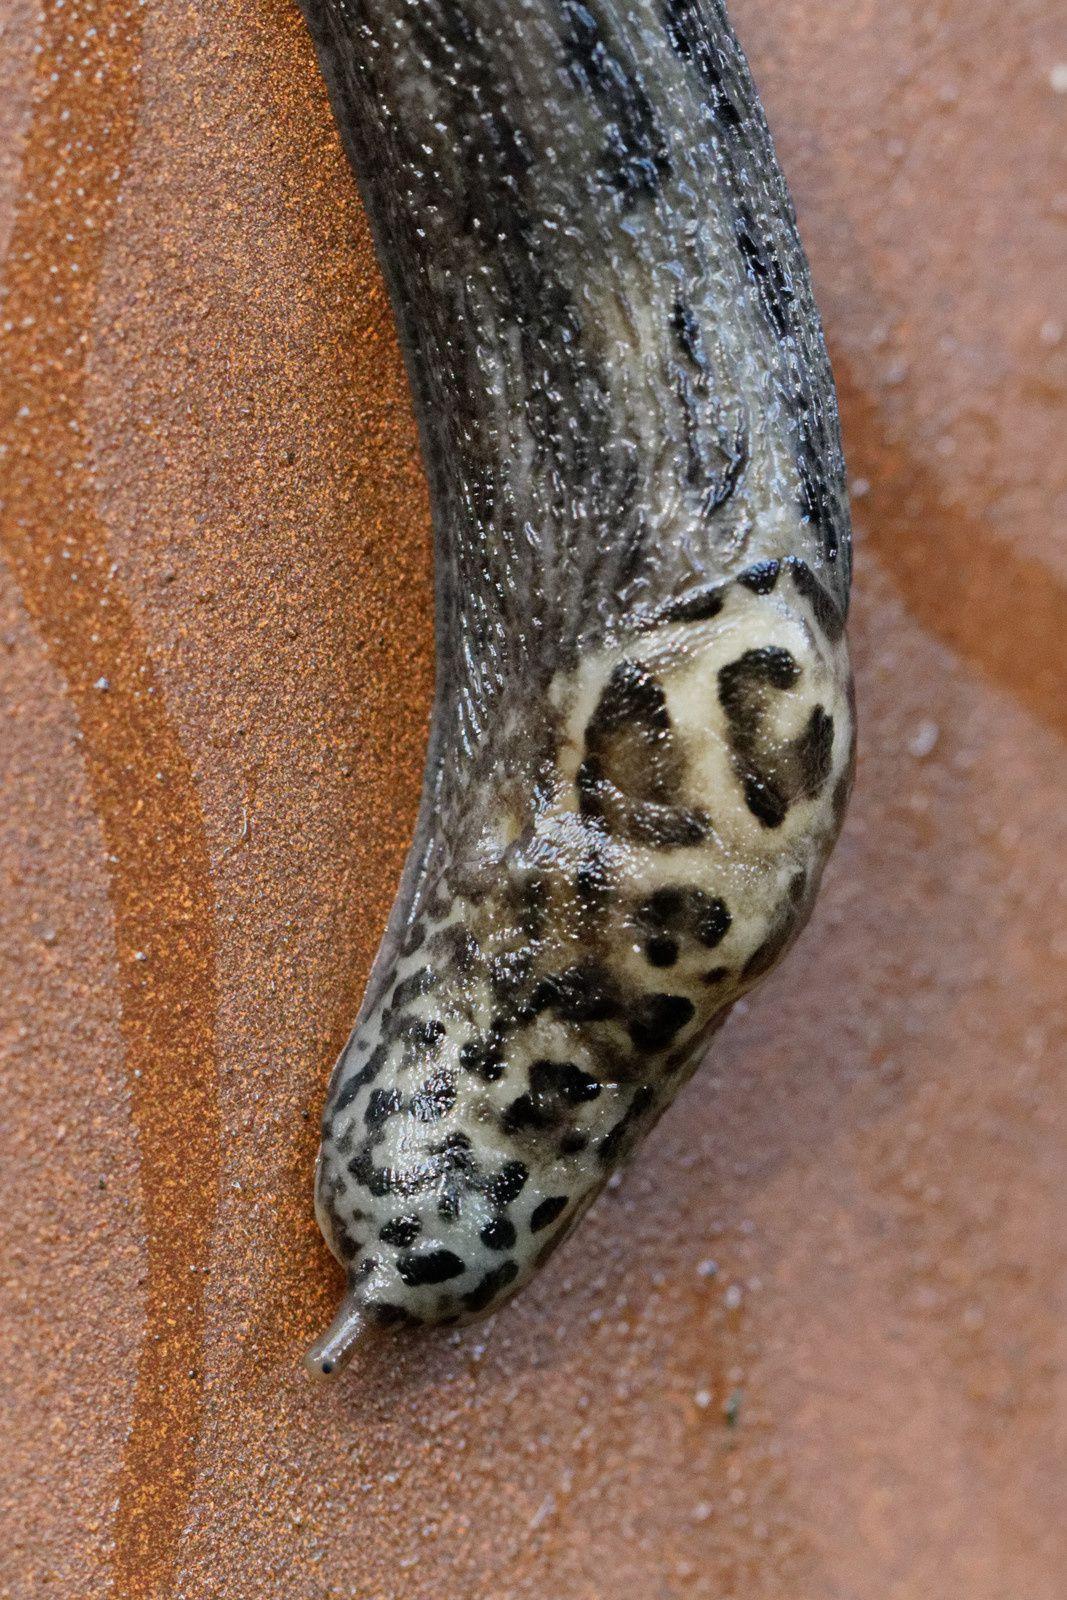 Loche léopard (Limax maximus)